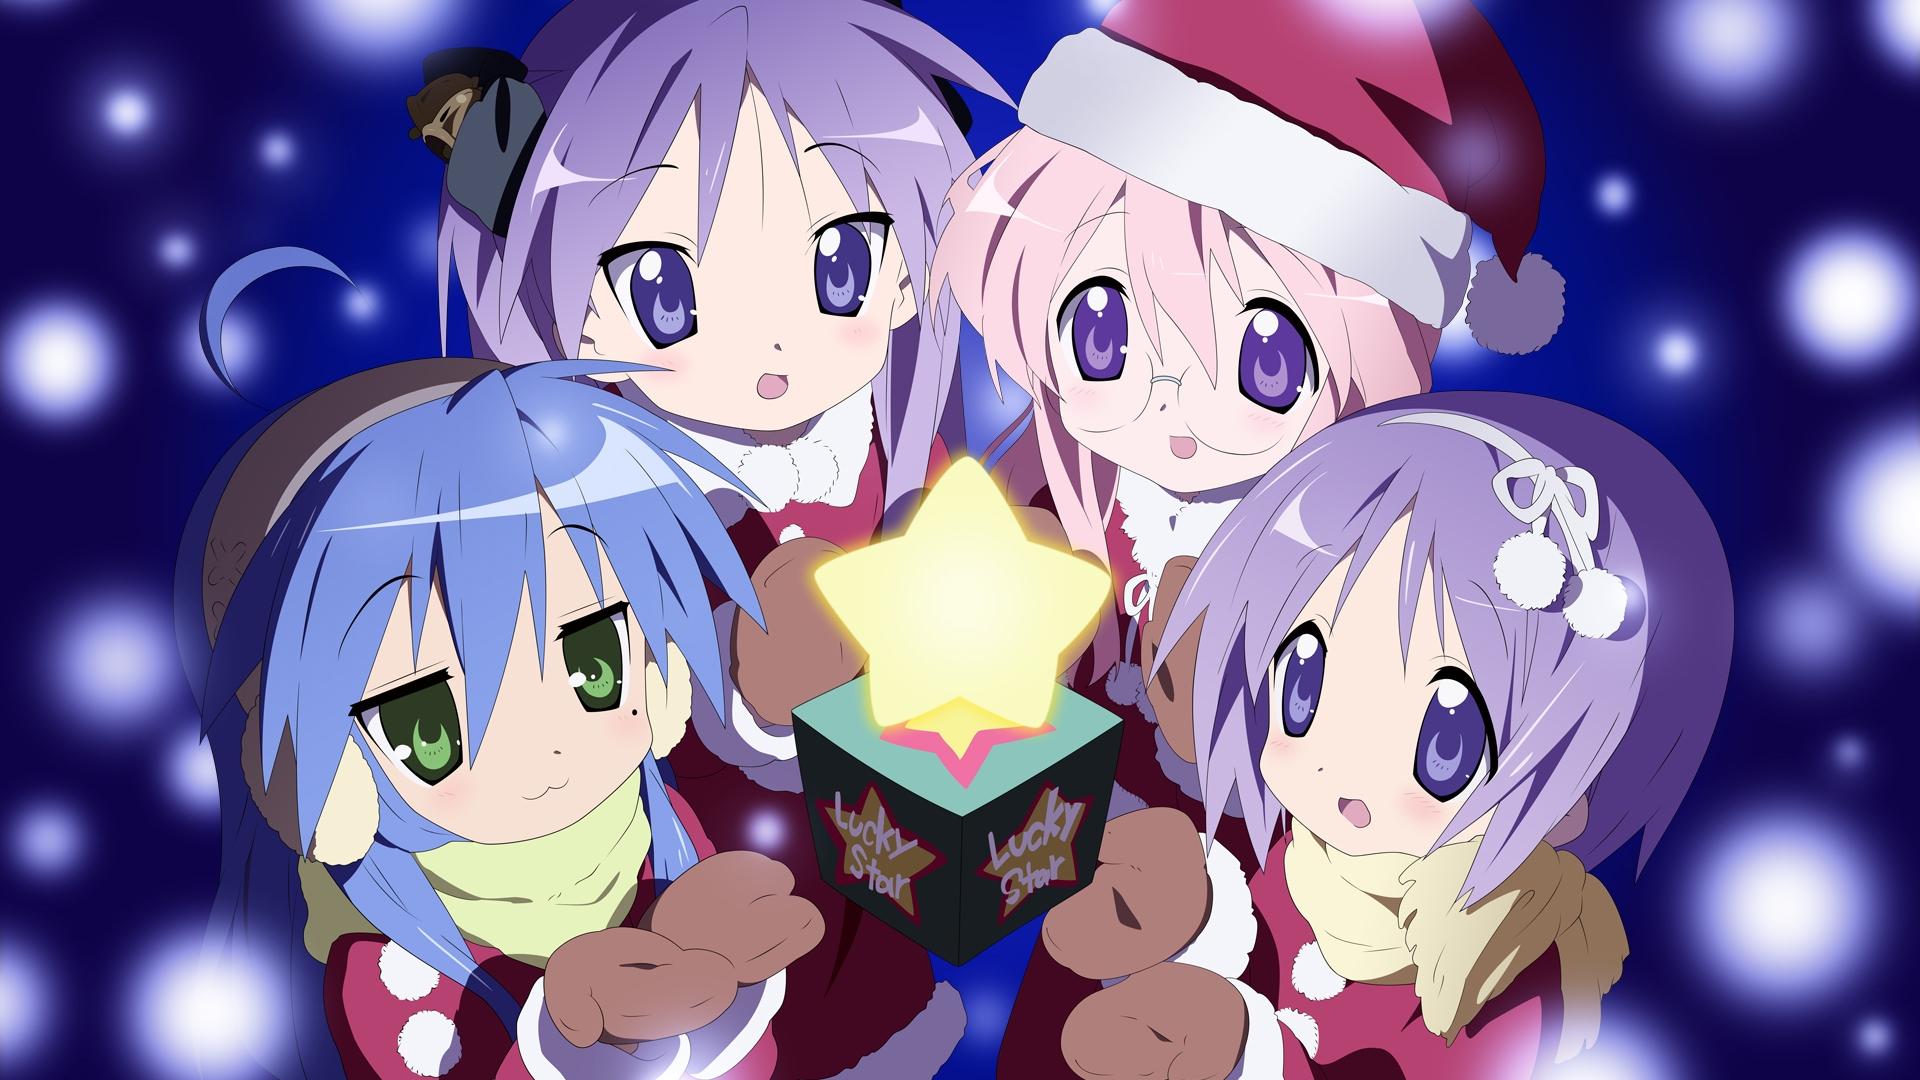 Lucky Star Christmas wallpaper   734566 1920x1080